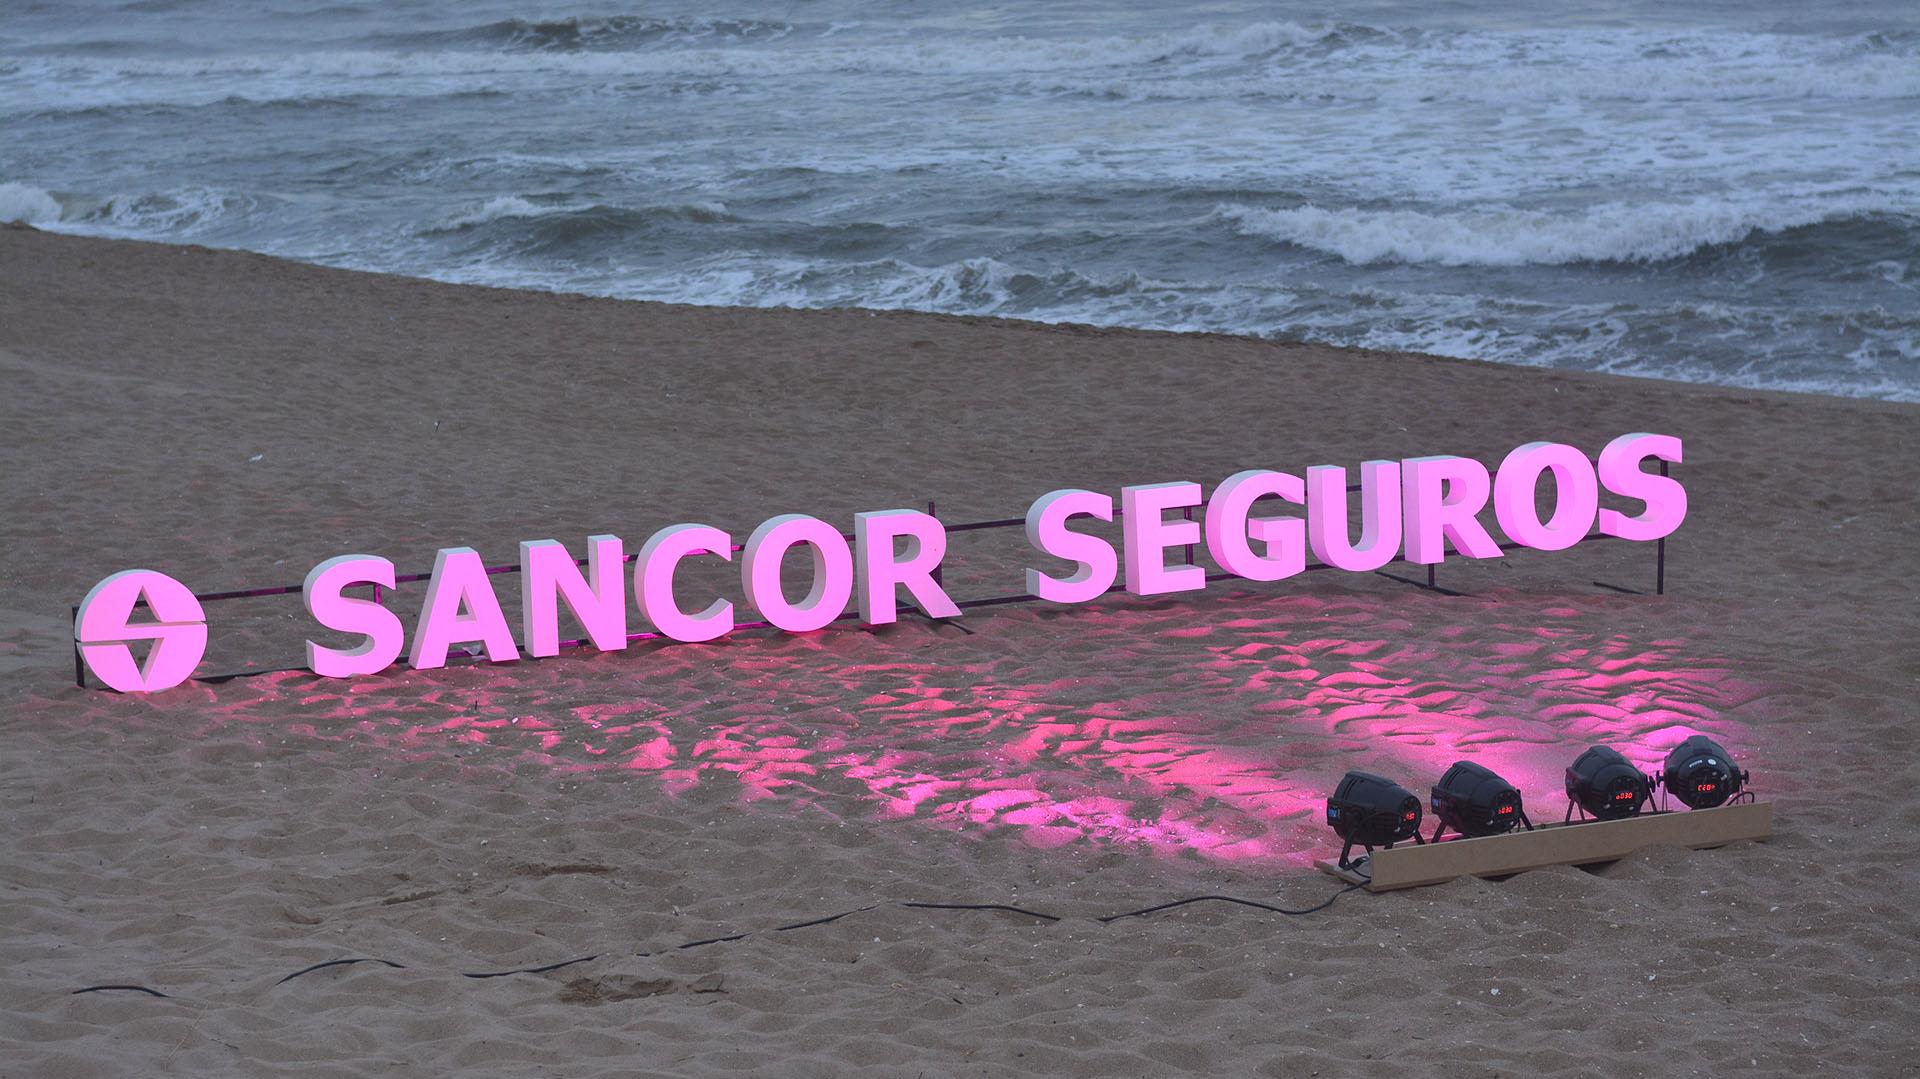 Con 72 años de trayectoria, Sancor Seguros lidera el mercado asegurador argentino.Cuenta con oficinas en todo el país y hoy también tiene presencia directa en Uruguay, Paraguay y Brasil.